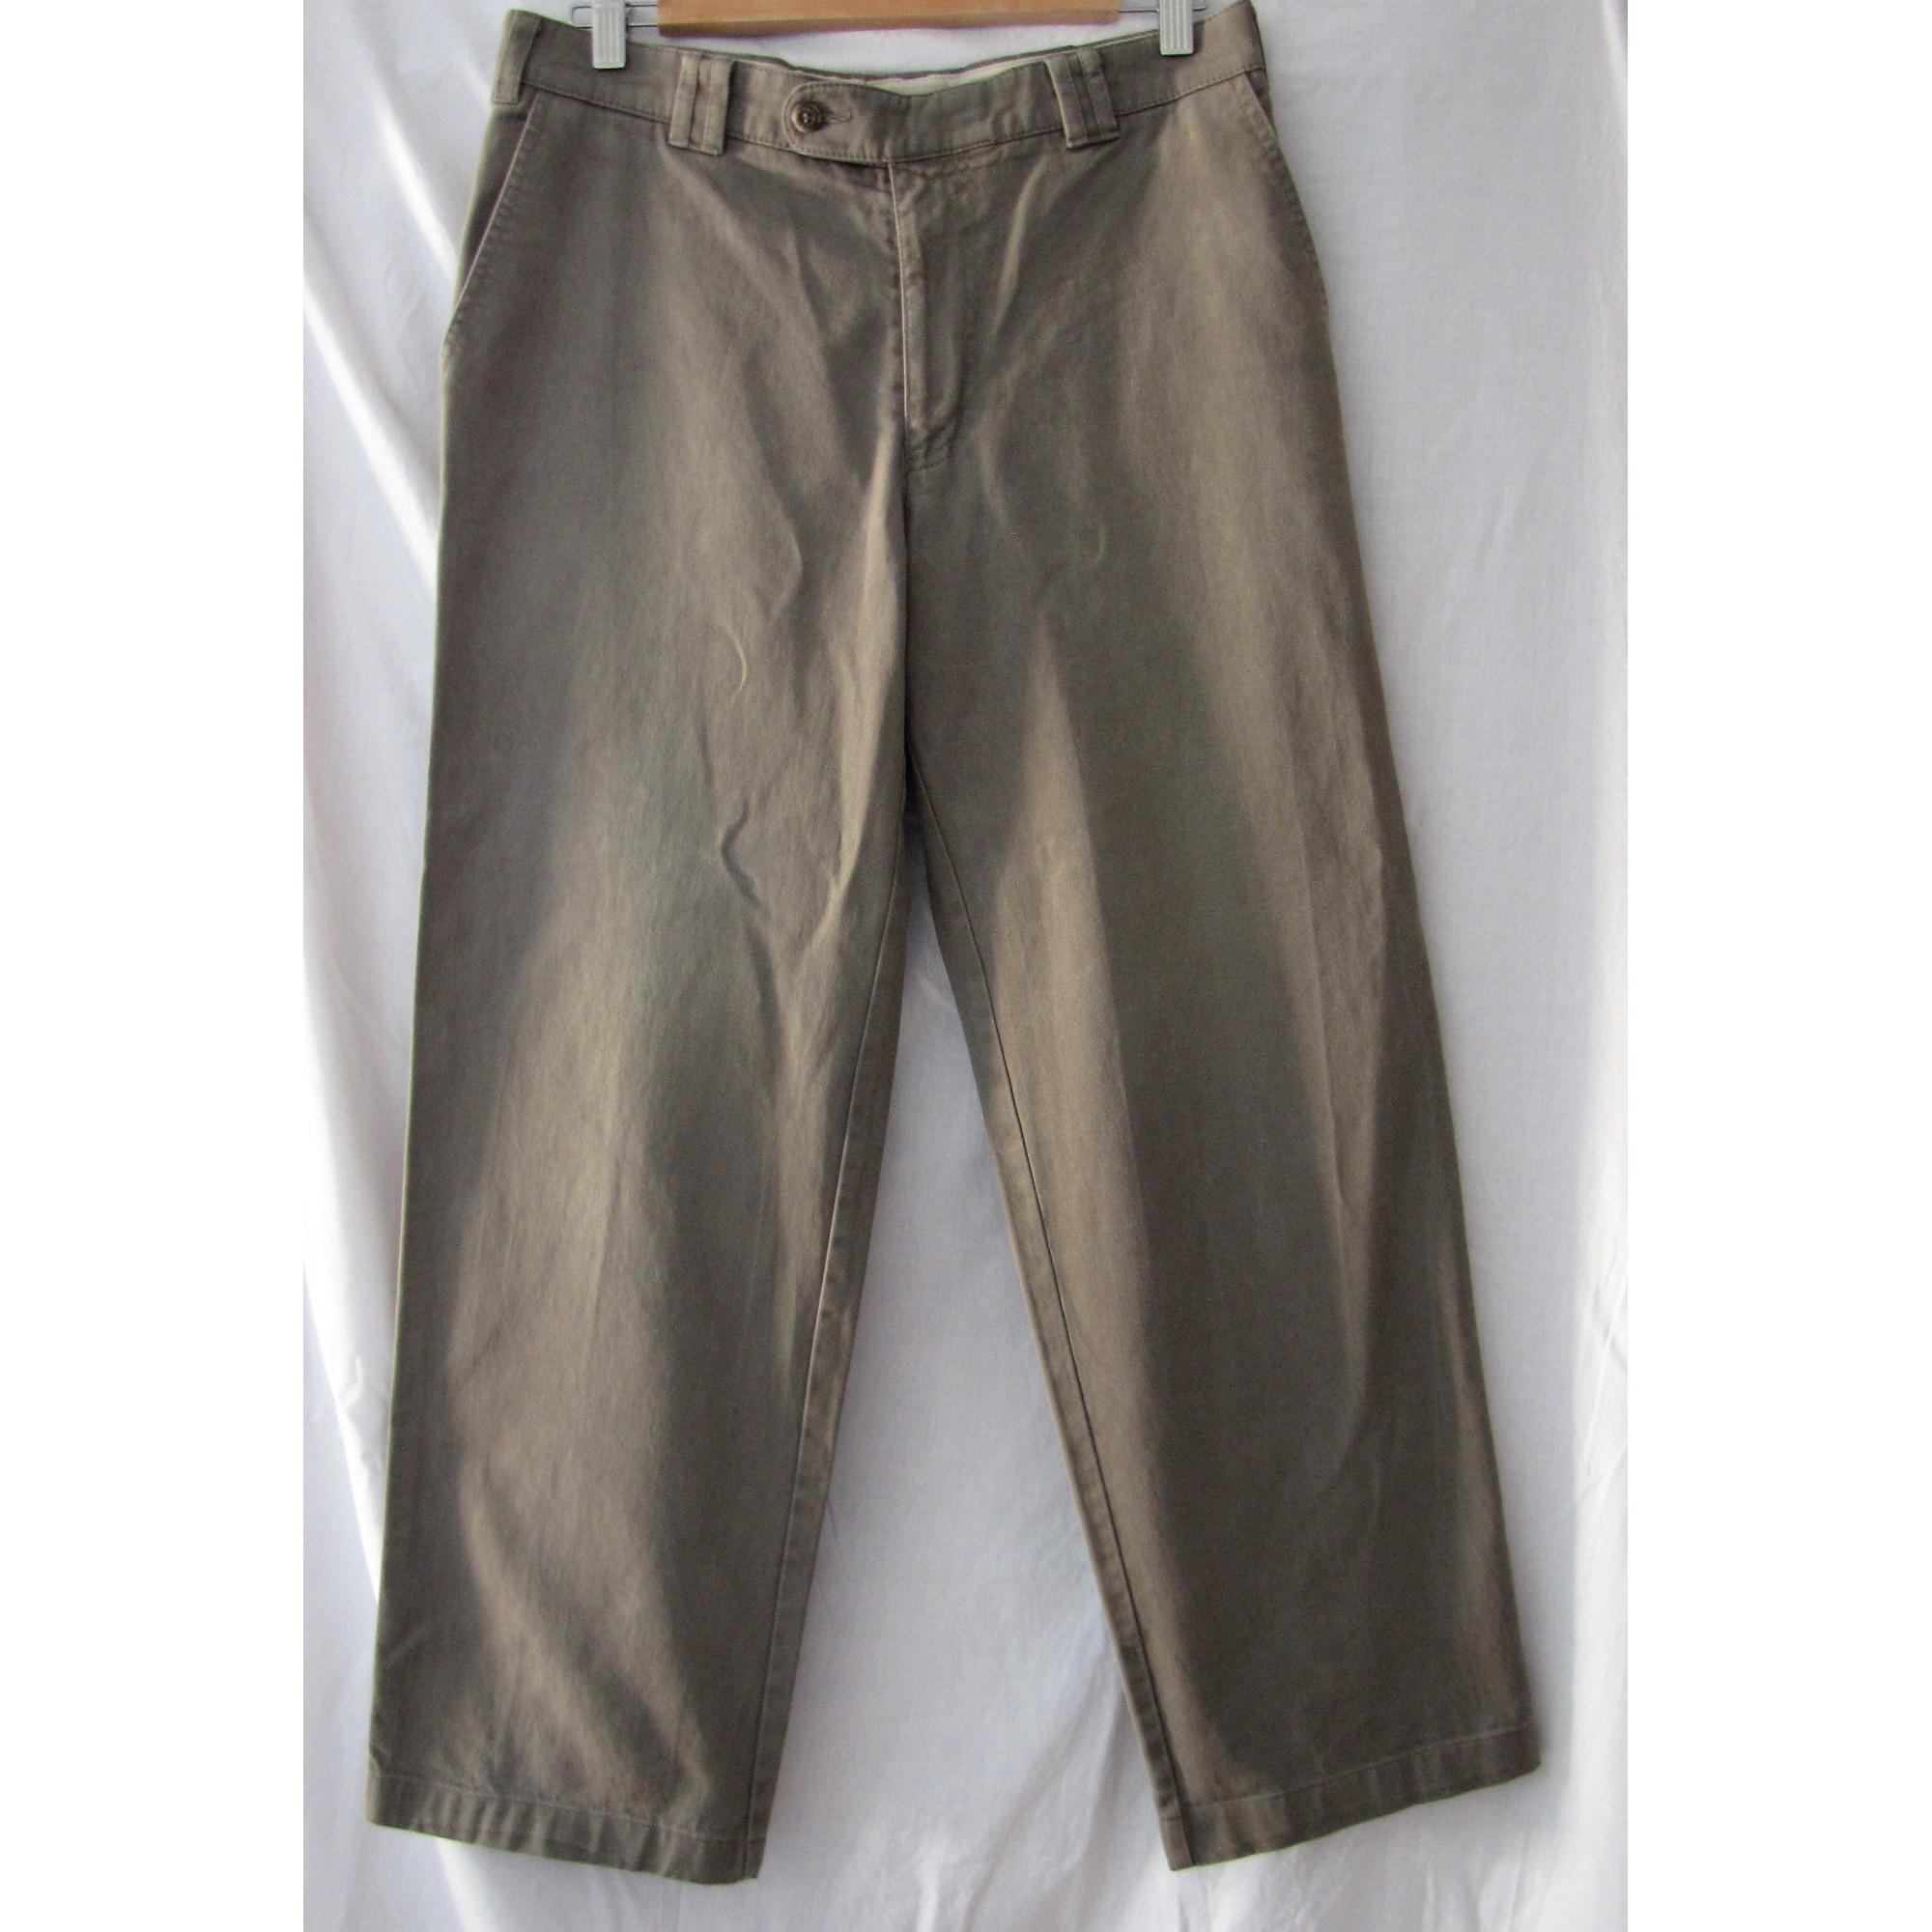 42lKaki Pantalon C Droit amp;a Canda 6064322 Lq345ARj